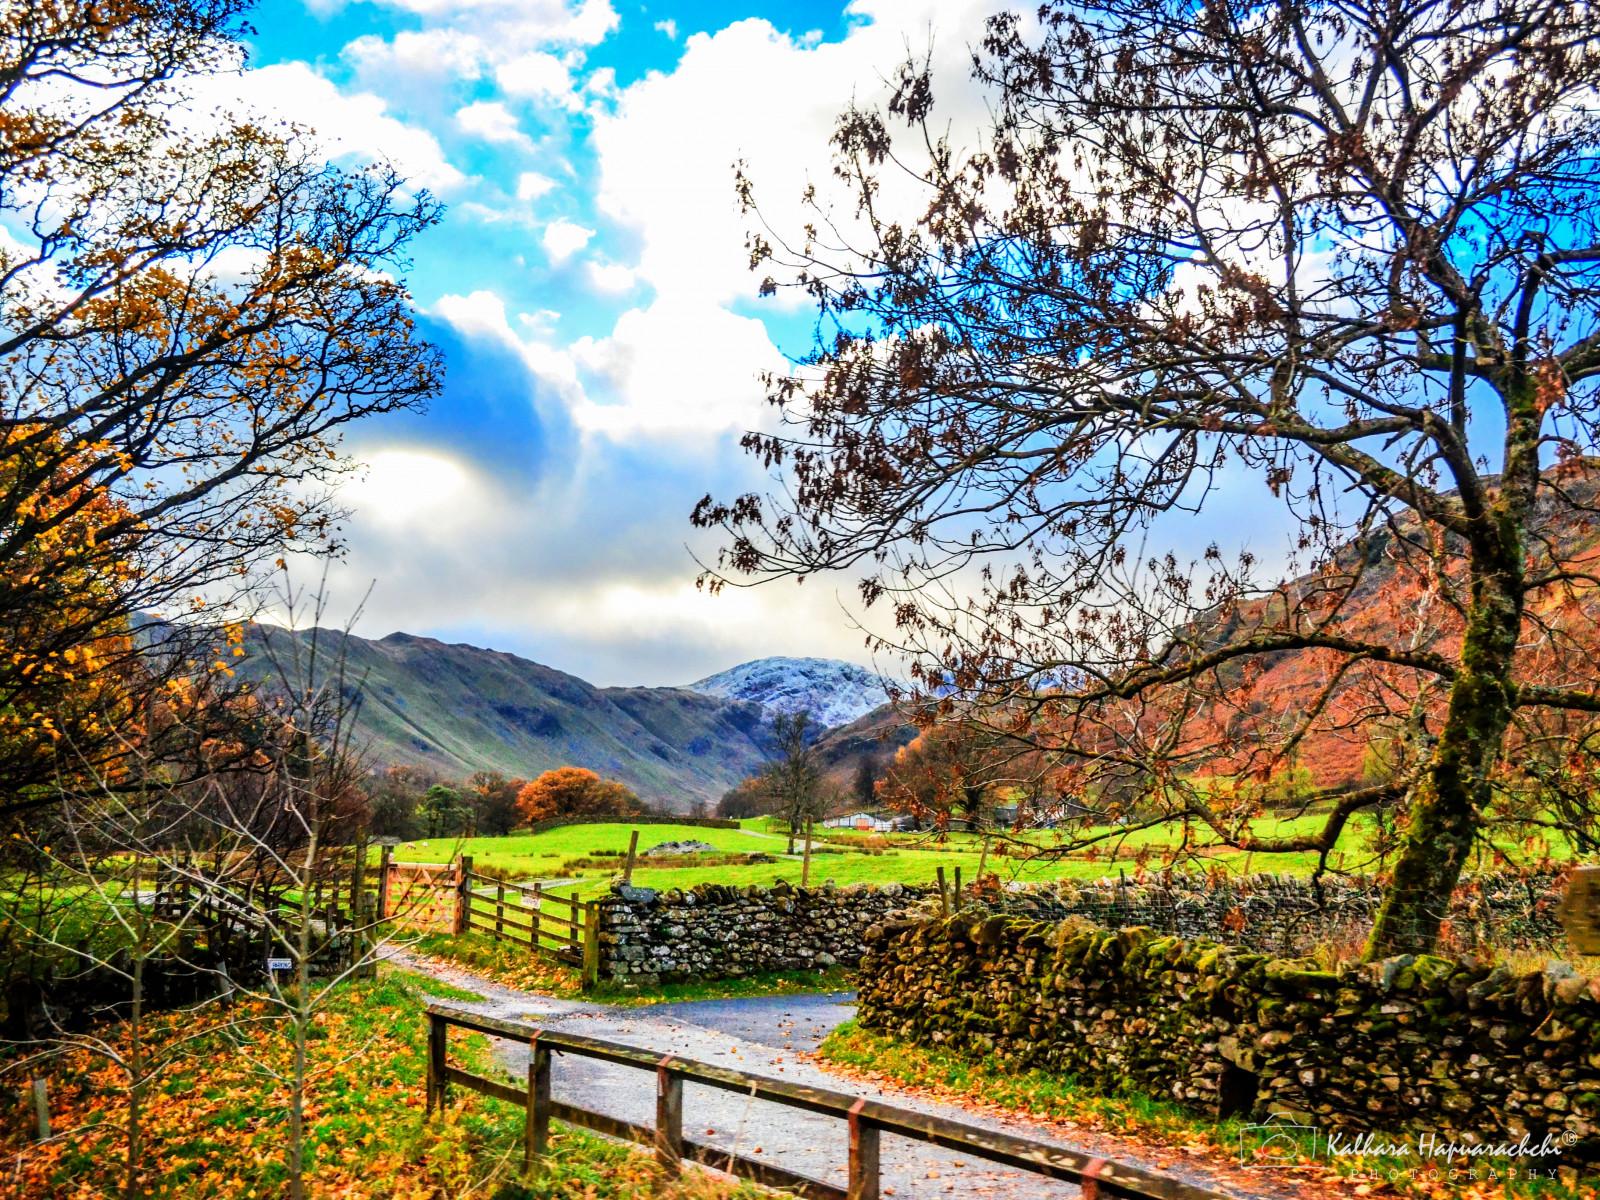 Fond d'écran : Royaume-Uni, grande Bretagne, l'automne, Angleterre, Montagne, paysage, campagne ...